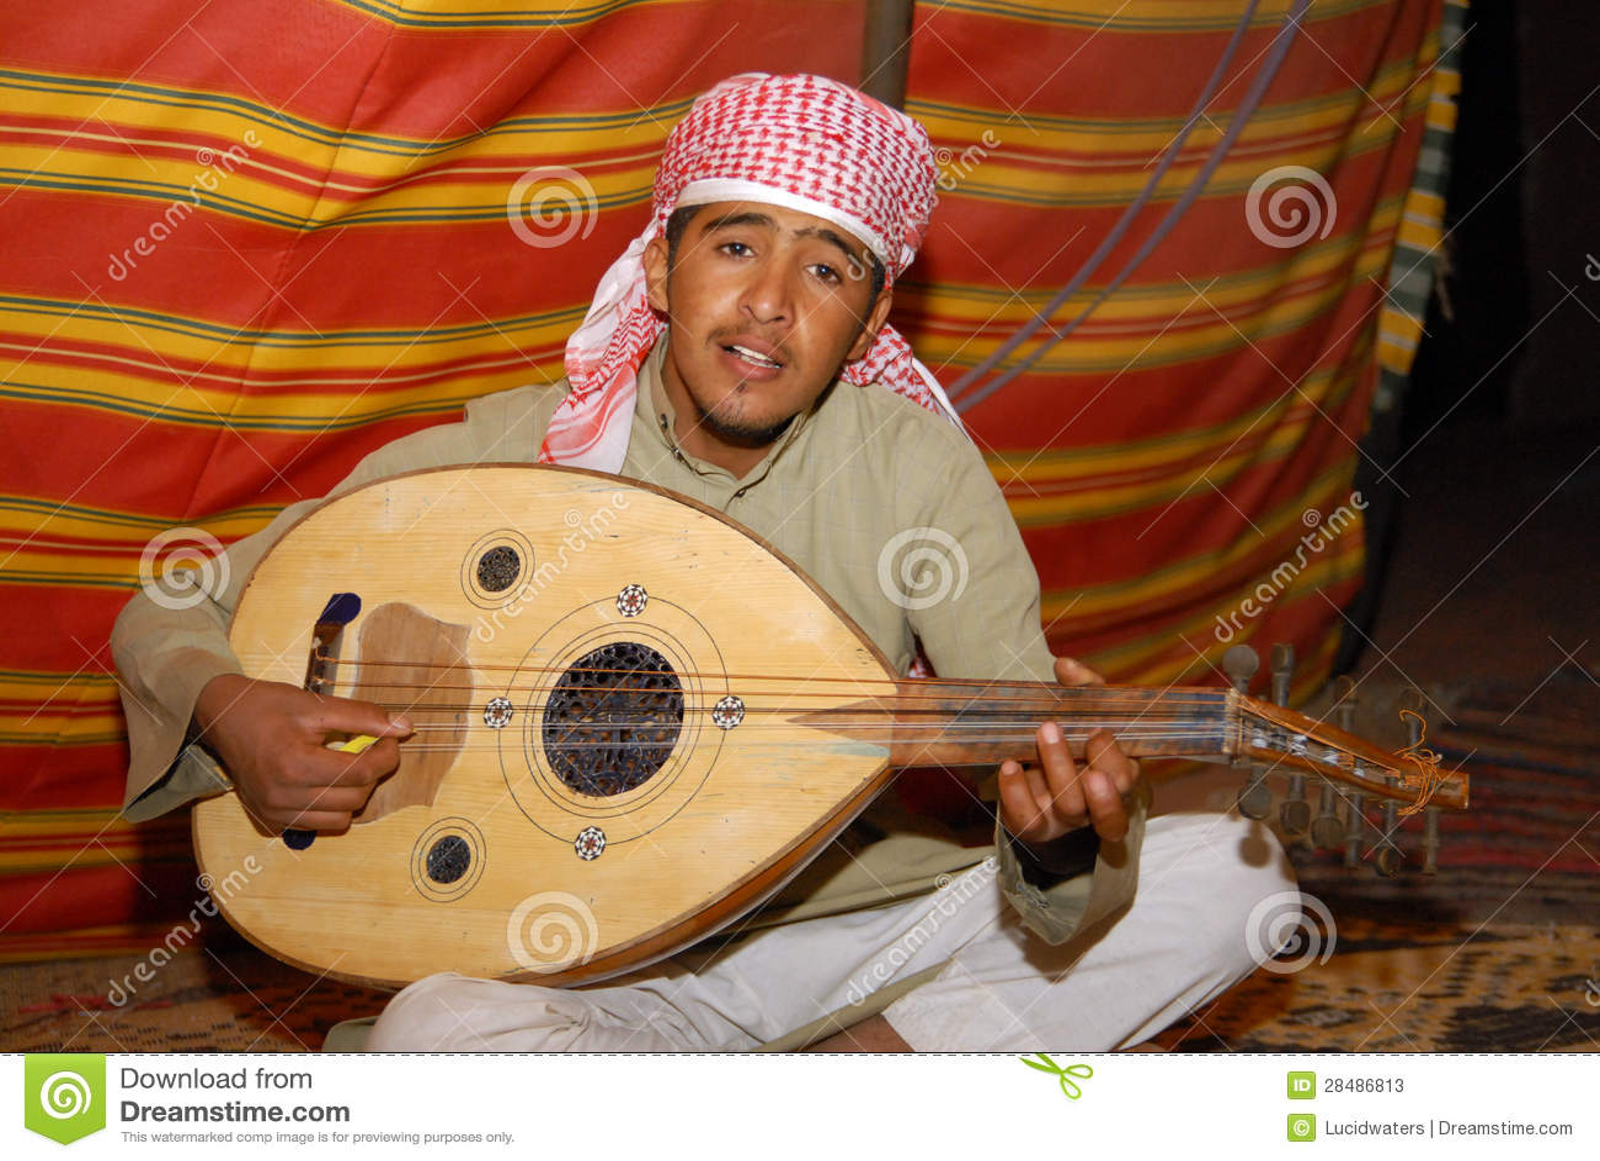 Arabische musik download.